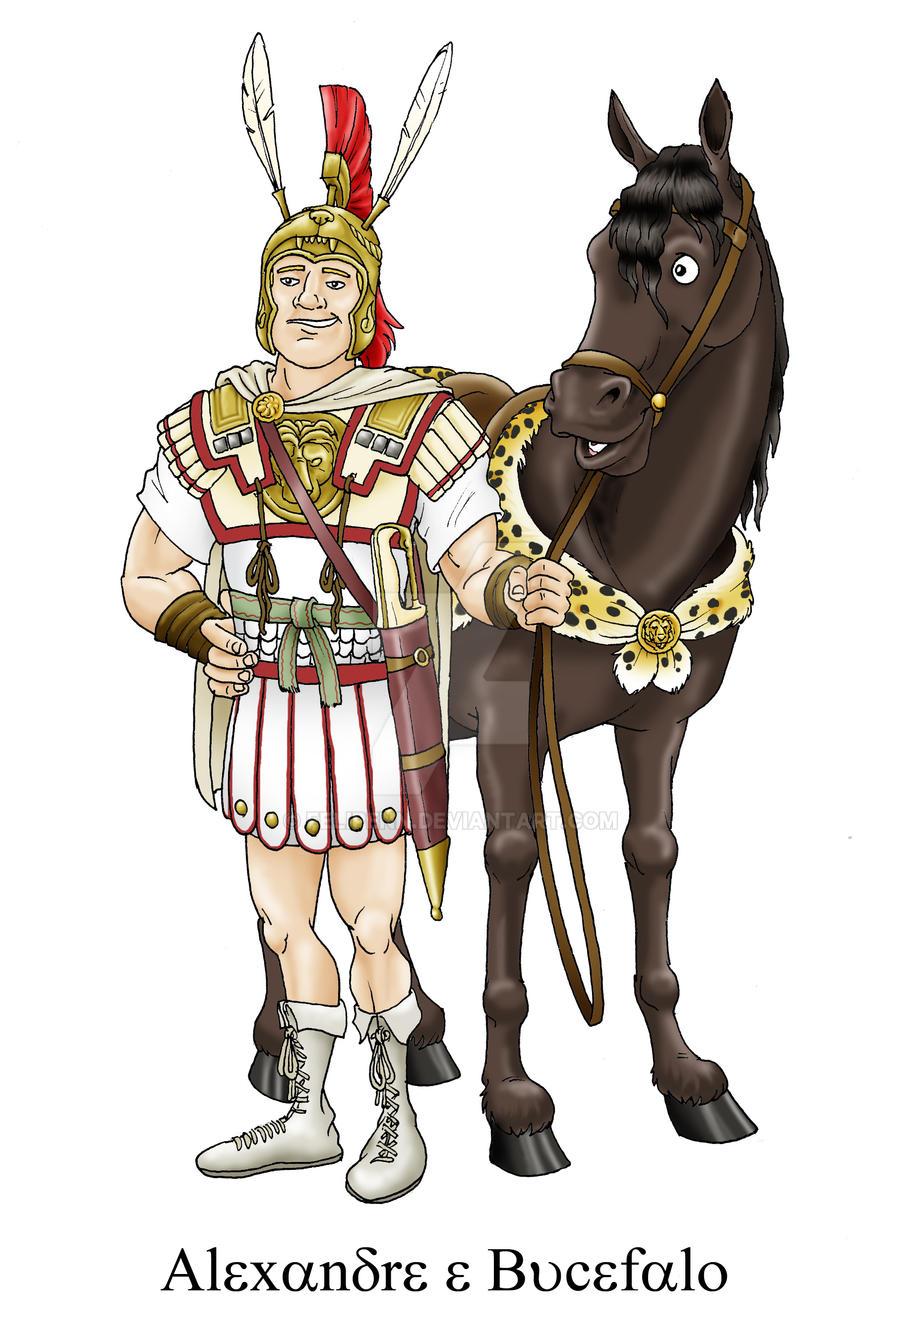 alexander the great by felipenn on deviantart